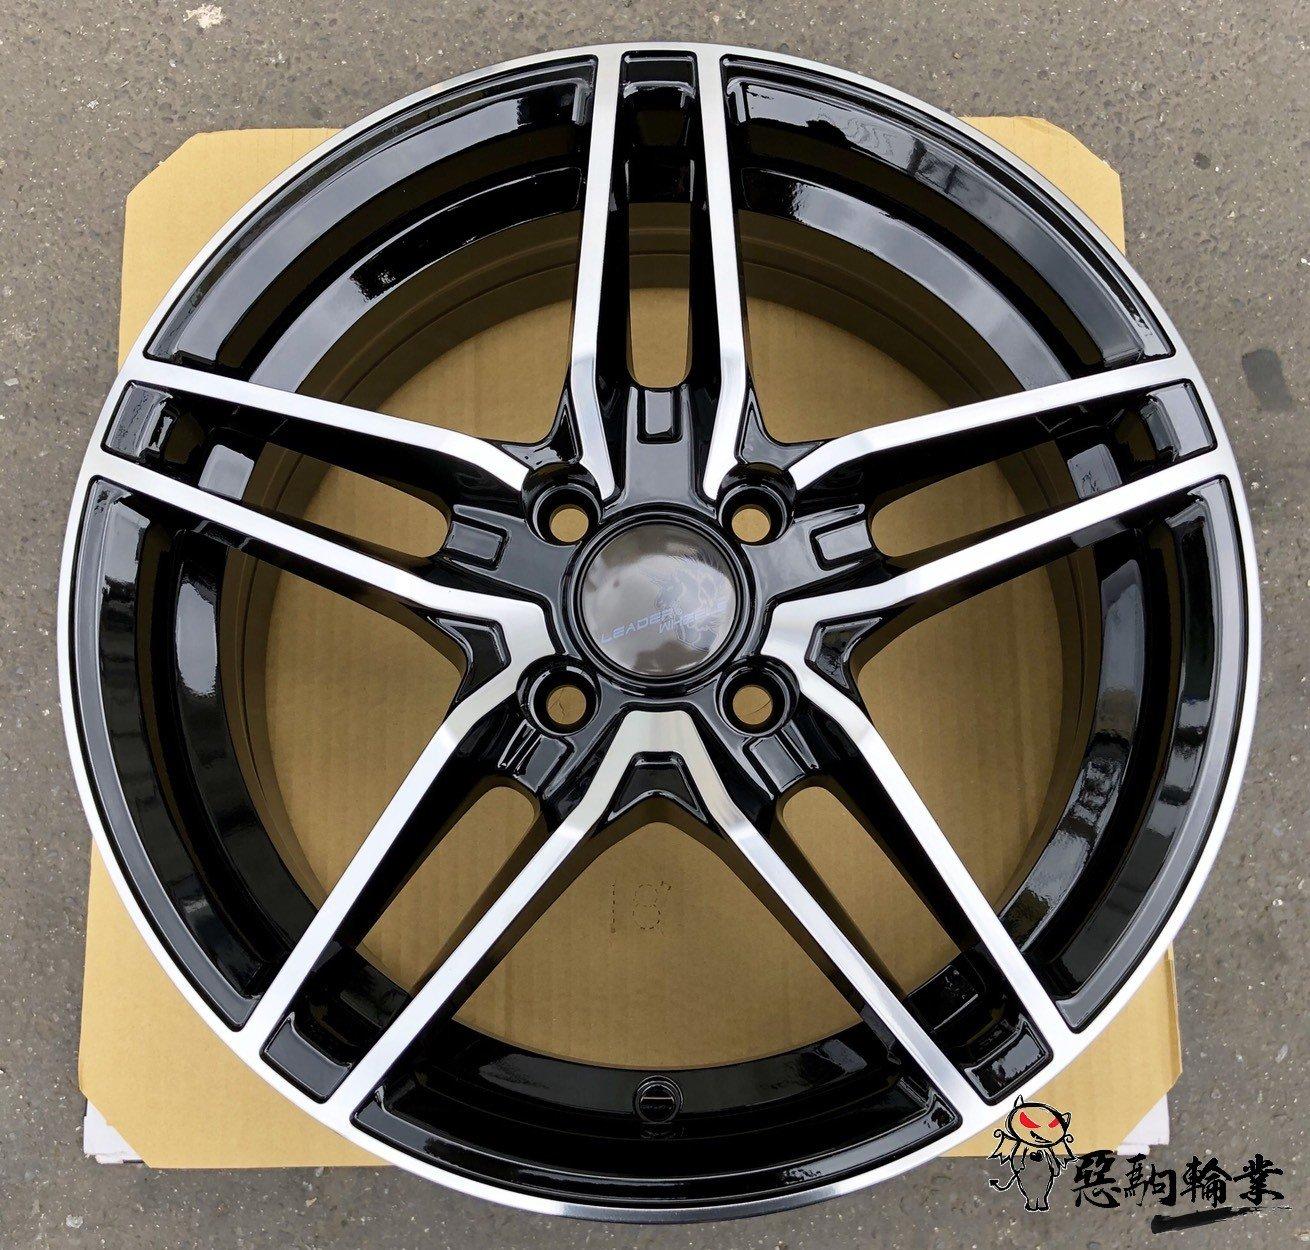 全新鋁圈 代號25 EL 15吋 4孔100 4孔114.3 5孔114.3 5孔100 黑底車面 另有16吋/17吋